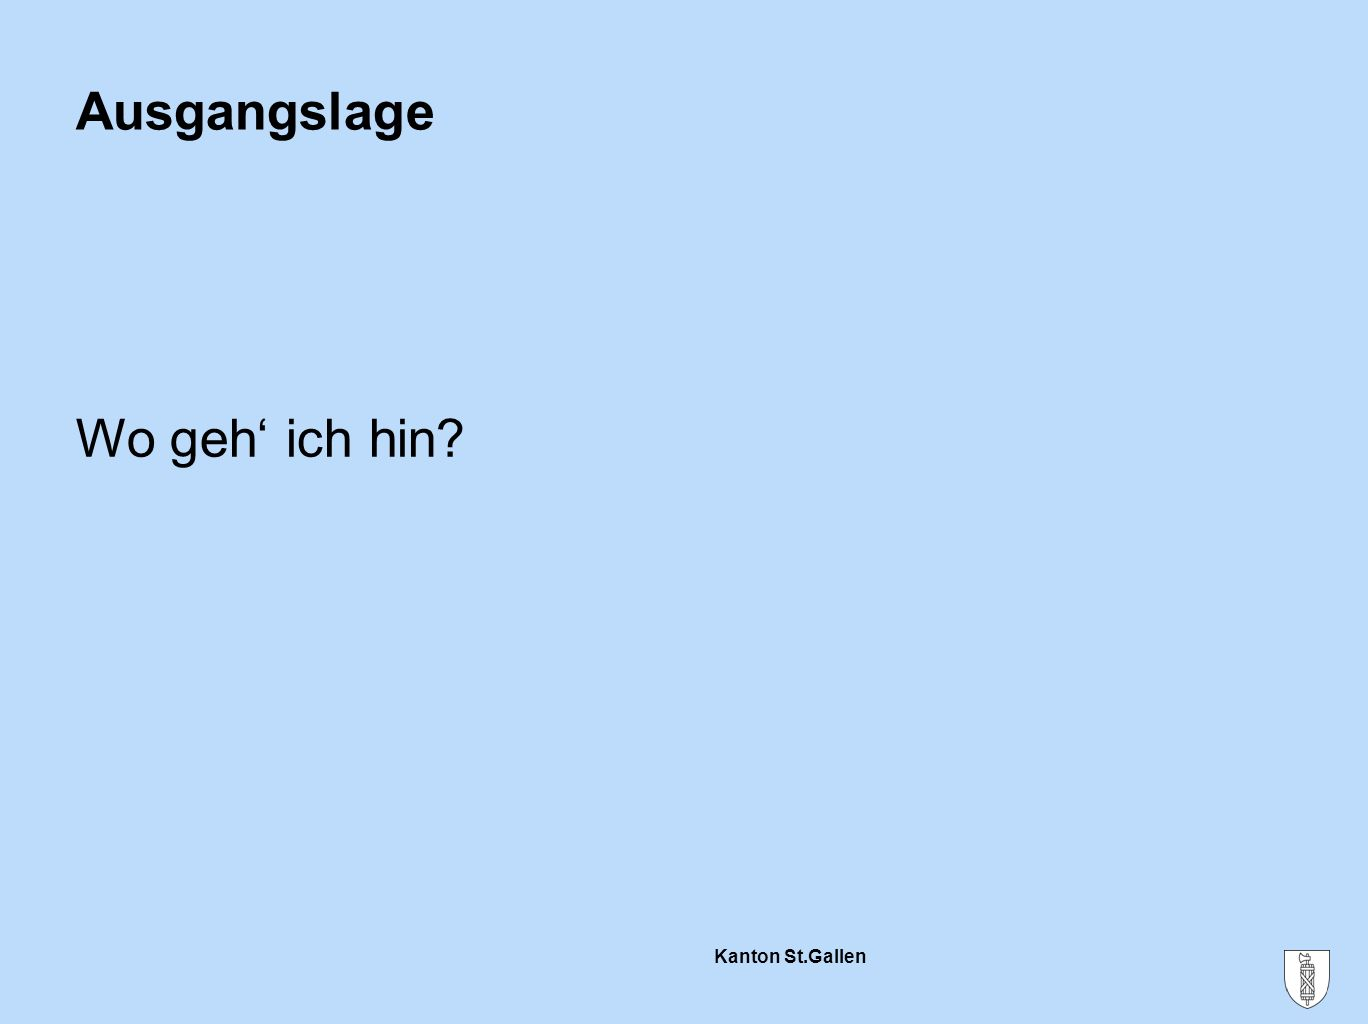 Kanton St.Gallen  Fachhochschulreife Erweiterte Allgemeinbildung Gute Kommunikationsfähigkeit Schulung der Denk- und Lernkompetenz Bereitschaft zur Weiterbildung Ausbildungsziel